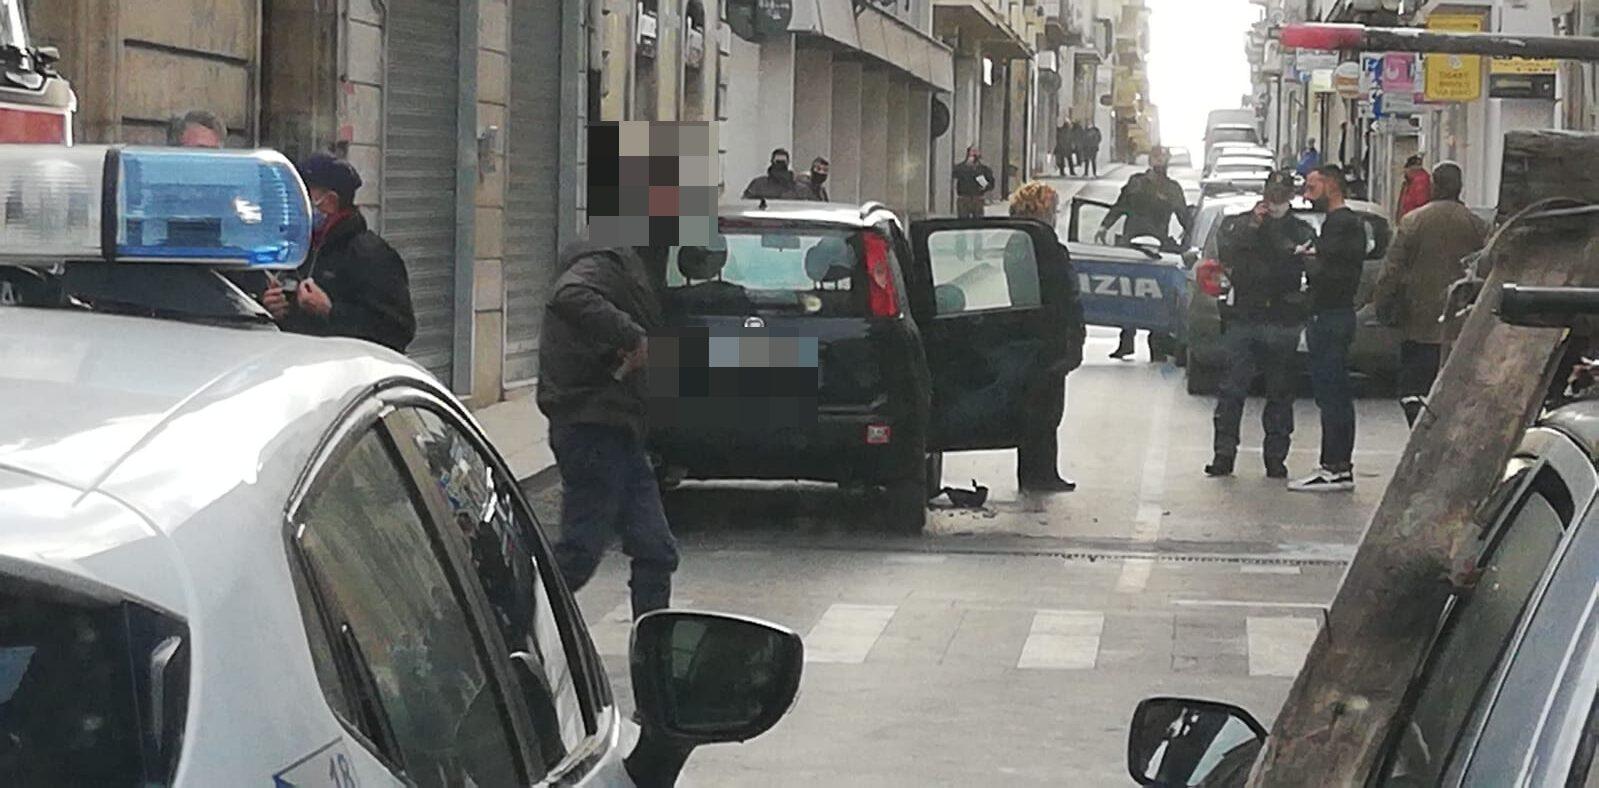 Esplodono petardi di fine anno dentro auto in via Cavour: uomo ustionato, veicolo danneggiato – FOTO